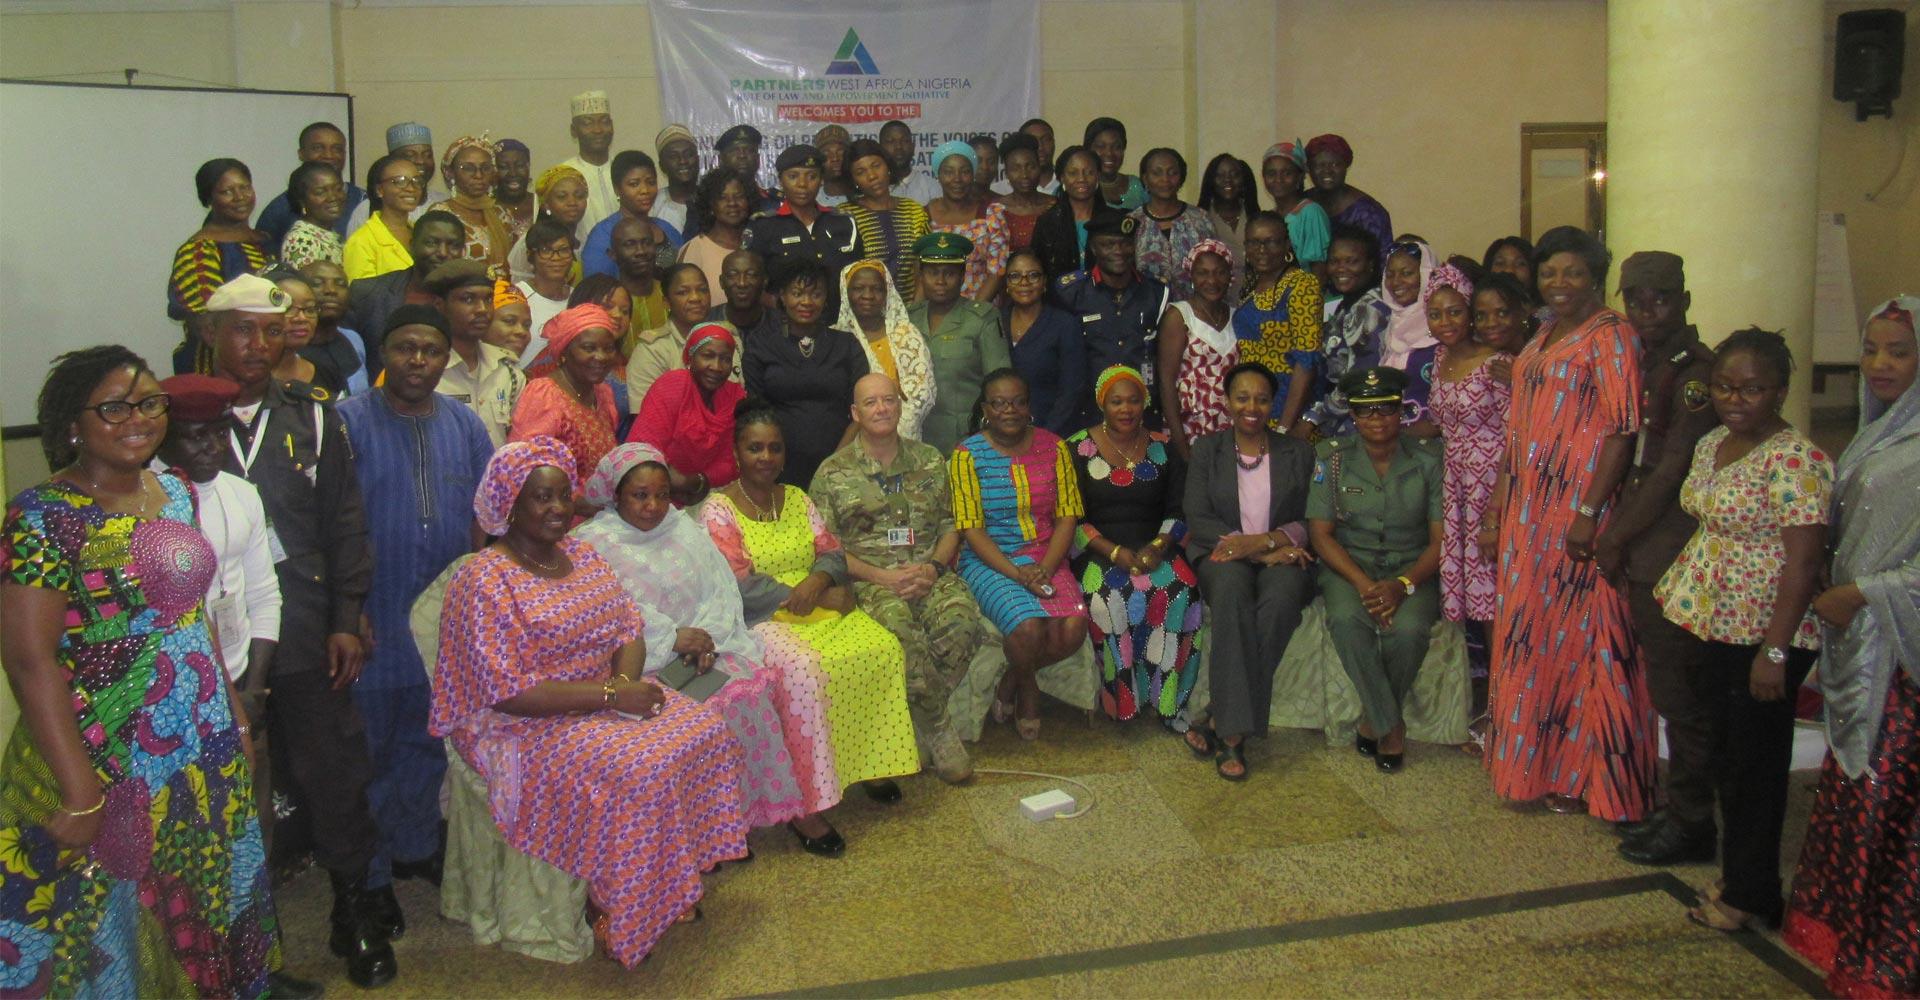 ATELIER SUR LA PRIORISATION DES VOIX DES FEMMES EN SÉCURITÉ AU MOYEN DU PLAN D'ACTION NATIONAL DE LA DEUXIÈME GÉNÉRATION (2017-2020)